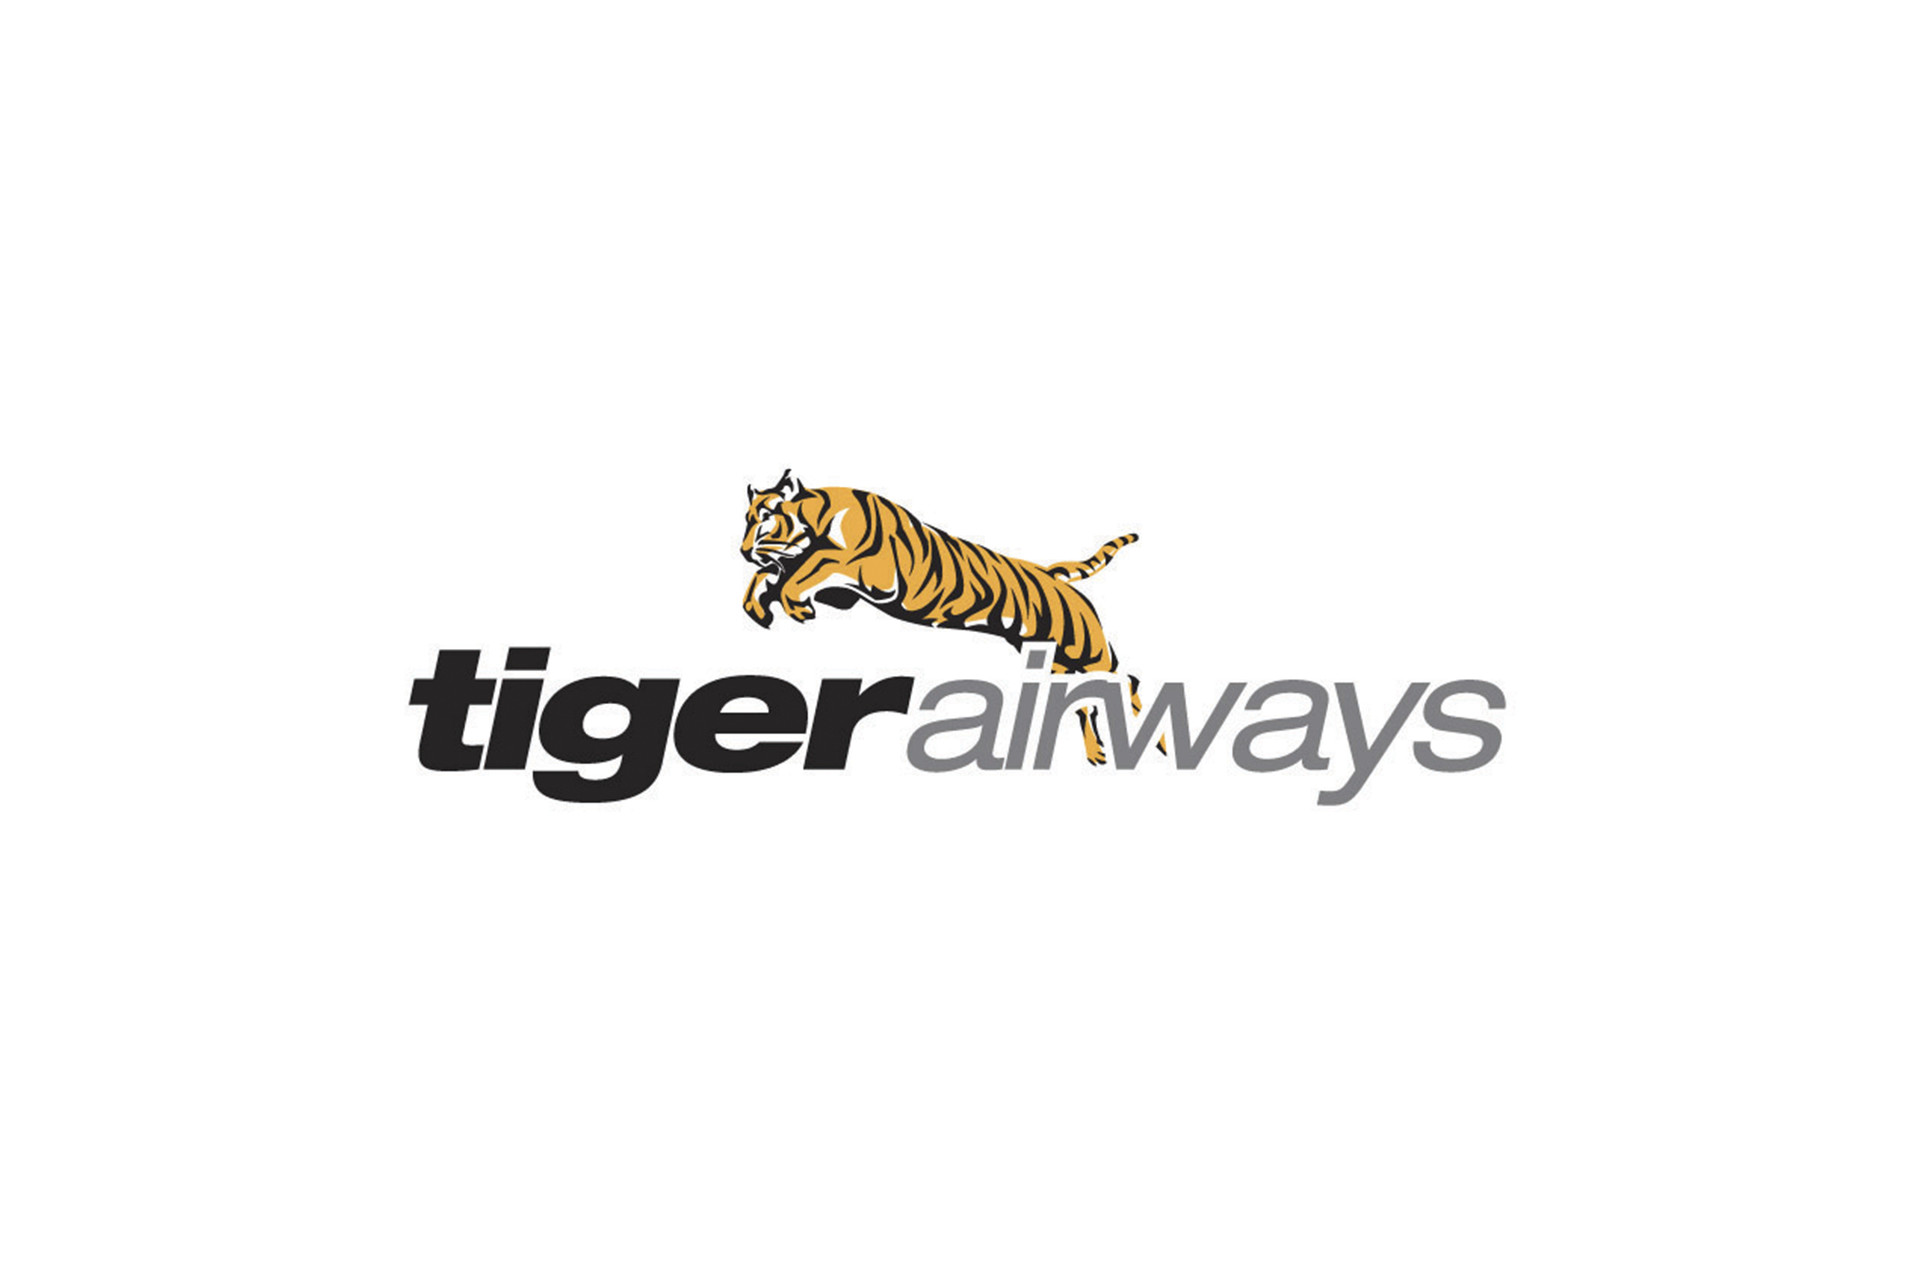 tiger airlines psstudios